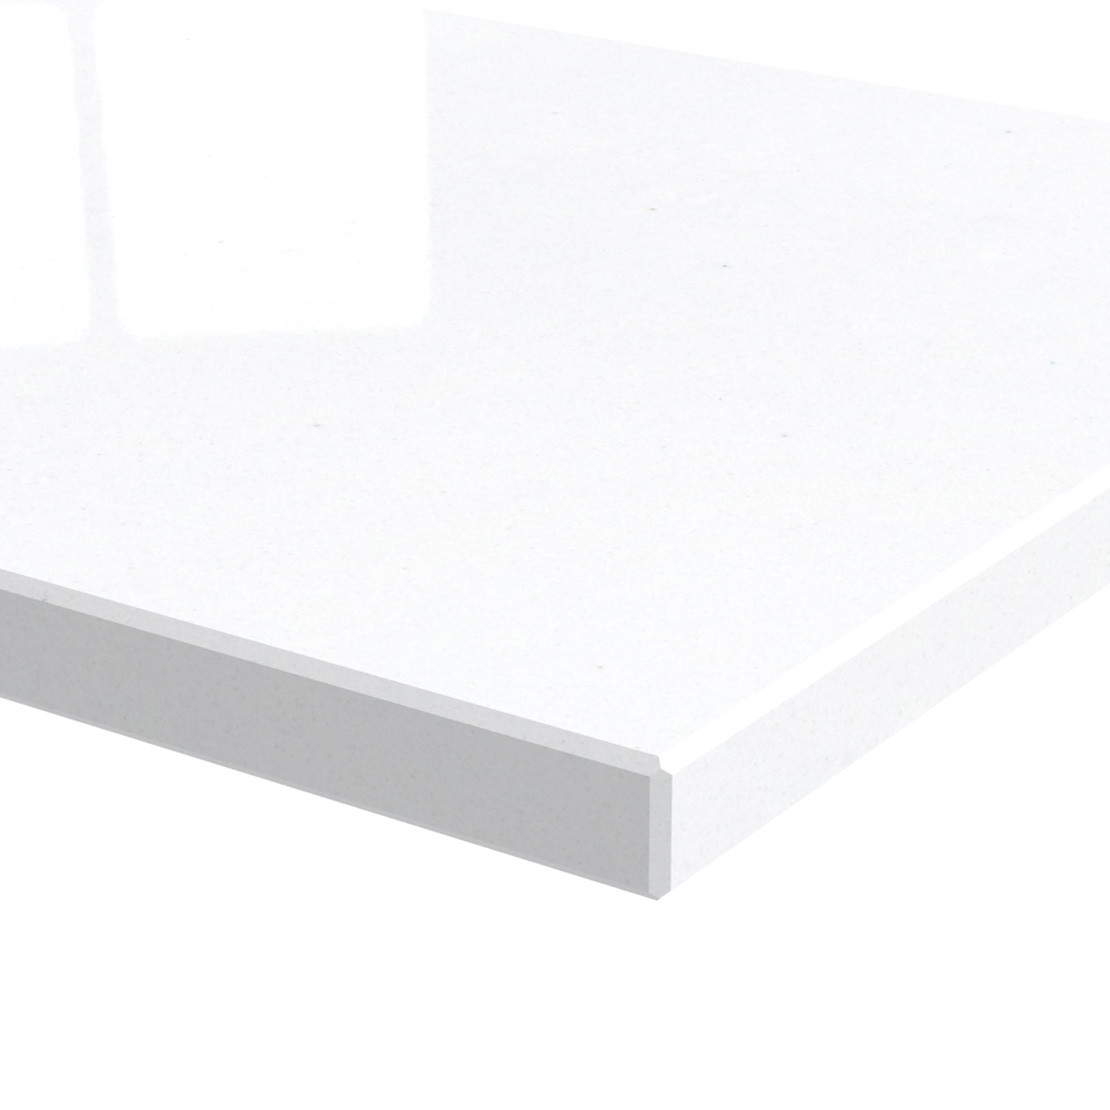 Blad 20mm dik Pure White kwartscomposiet (gepolijst)